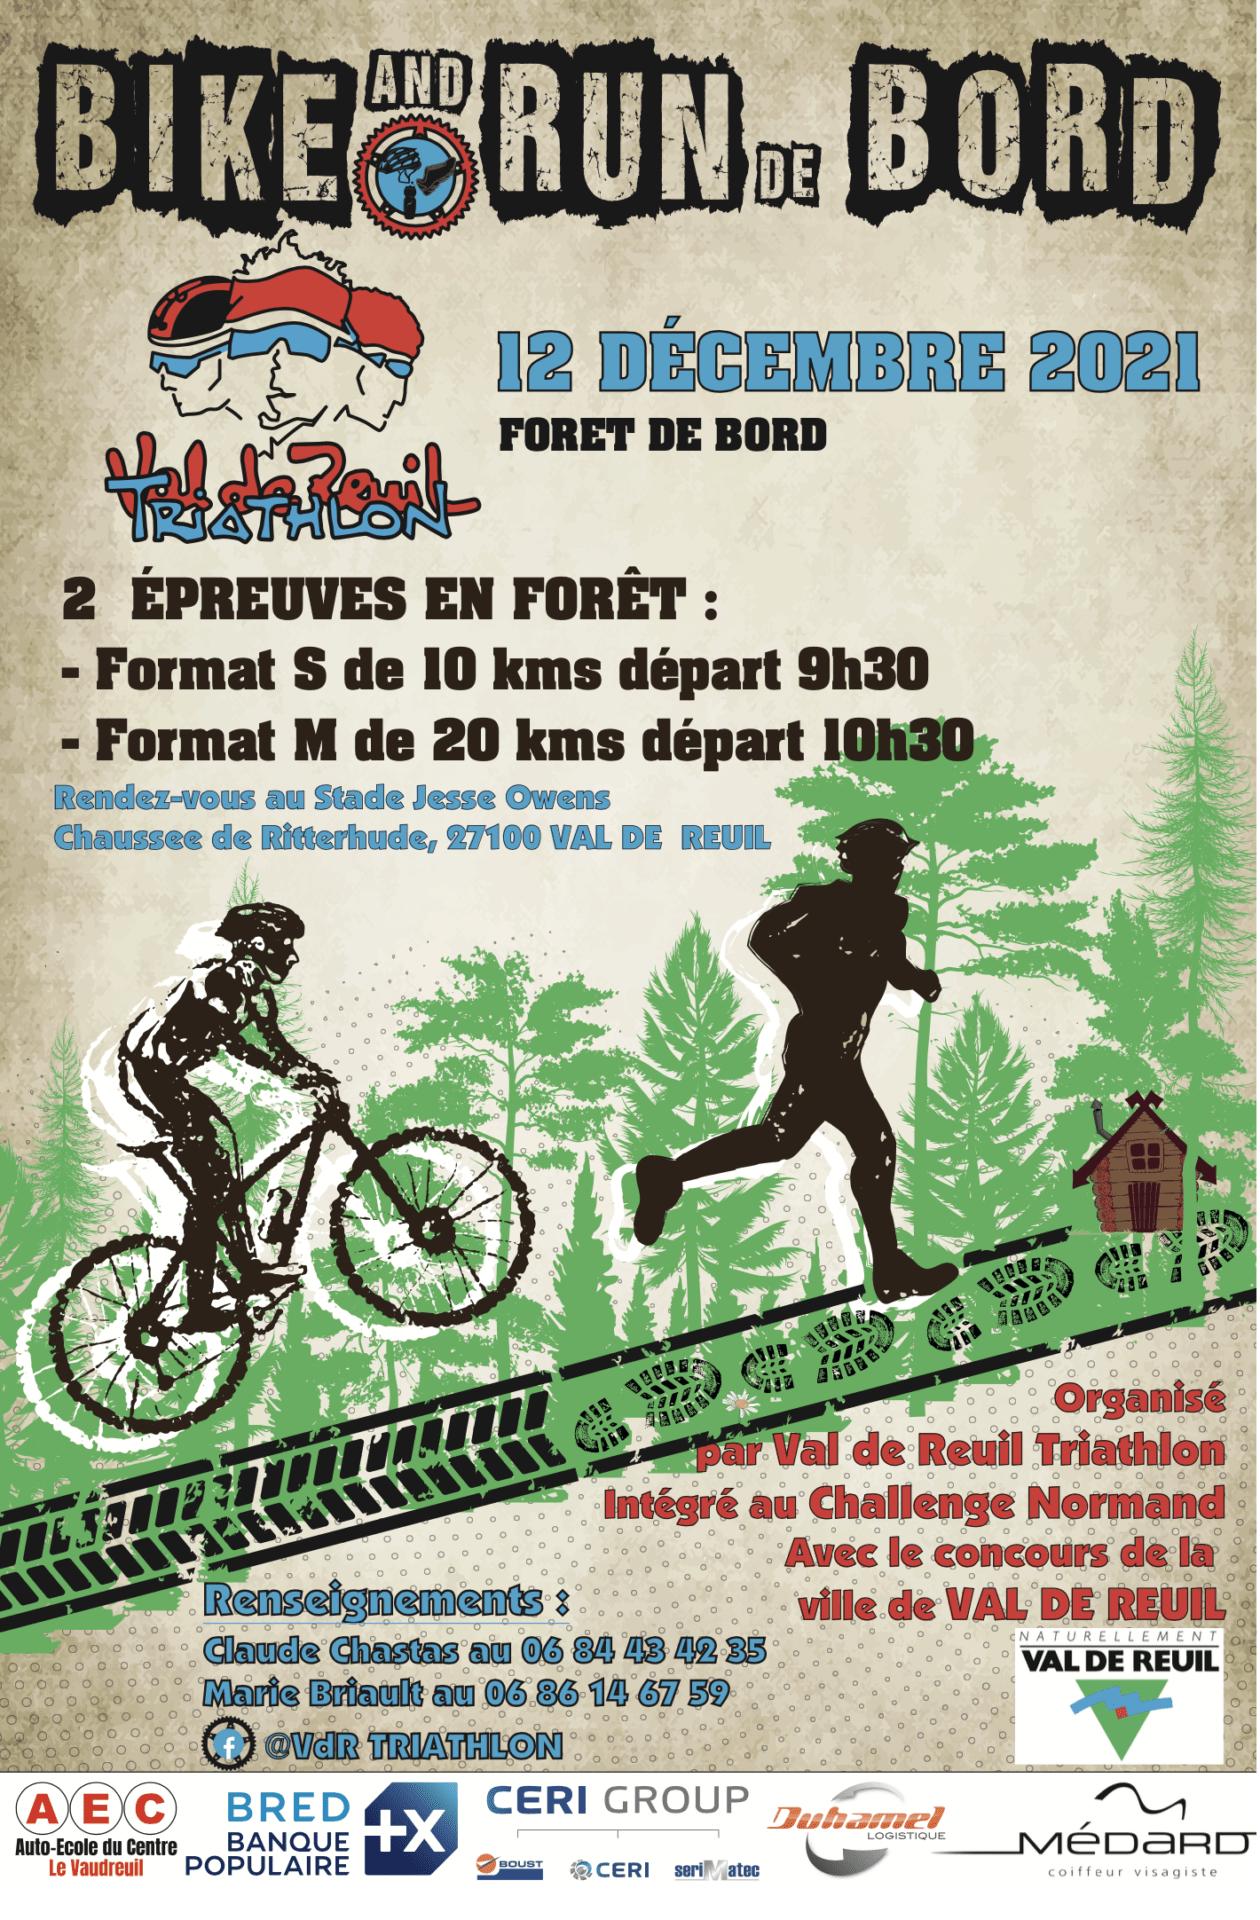 Bike and Run de Bord